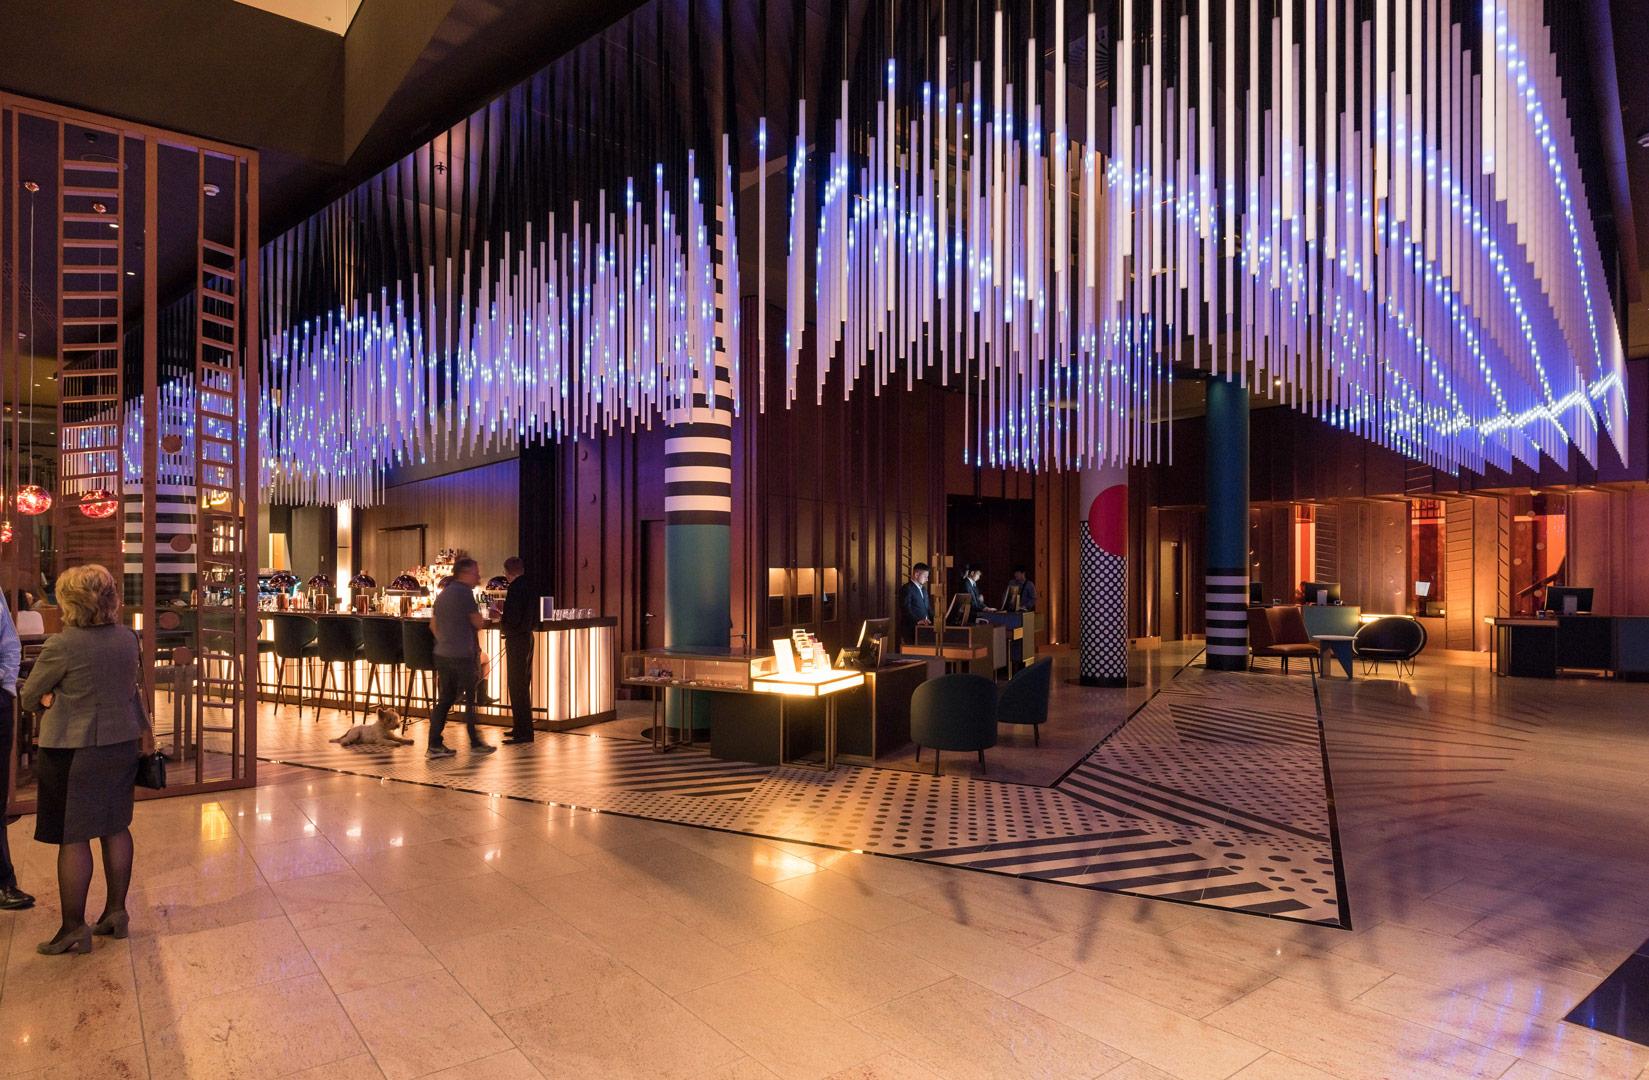 Hotel Pullmann Berlin Schweizer Hof_Lightsculpture_Kardorff Lichtplanung